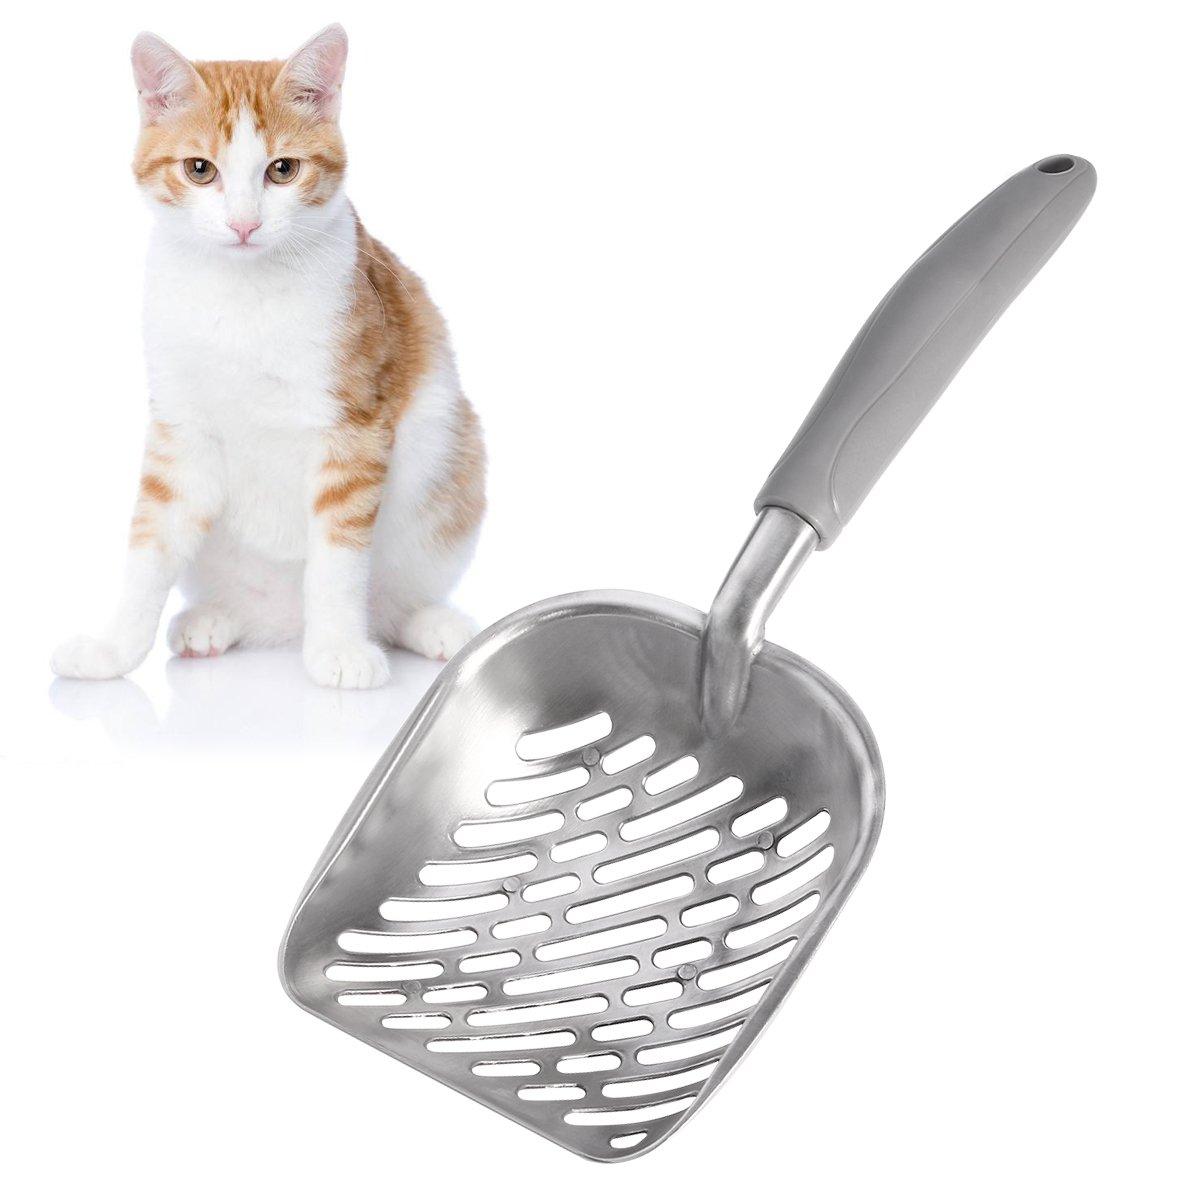 15CM UEETEK Paletta per Lettiera pala di scoop di gatto,Scoop spazzolato in metallo duro in alluminio con comoda gomma Manico lungo Impugnatura per gatto di gatto da compagnia,35 L * W